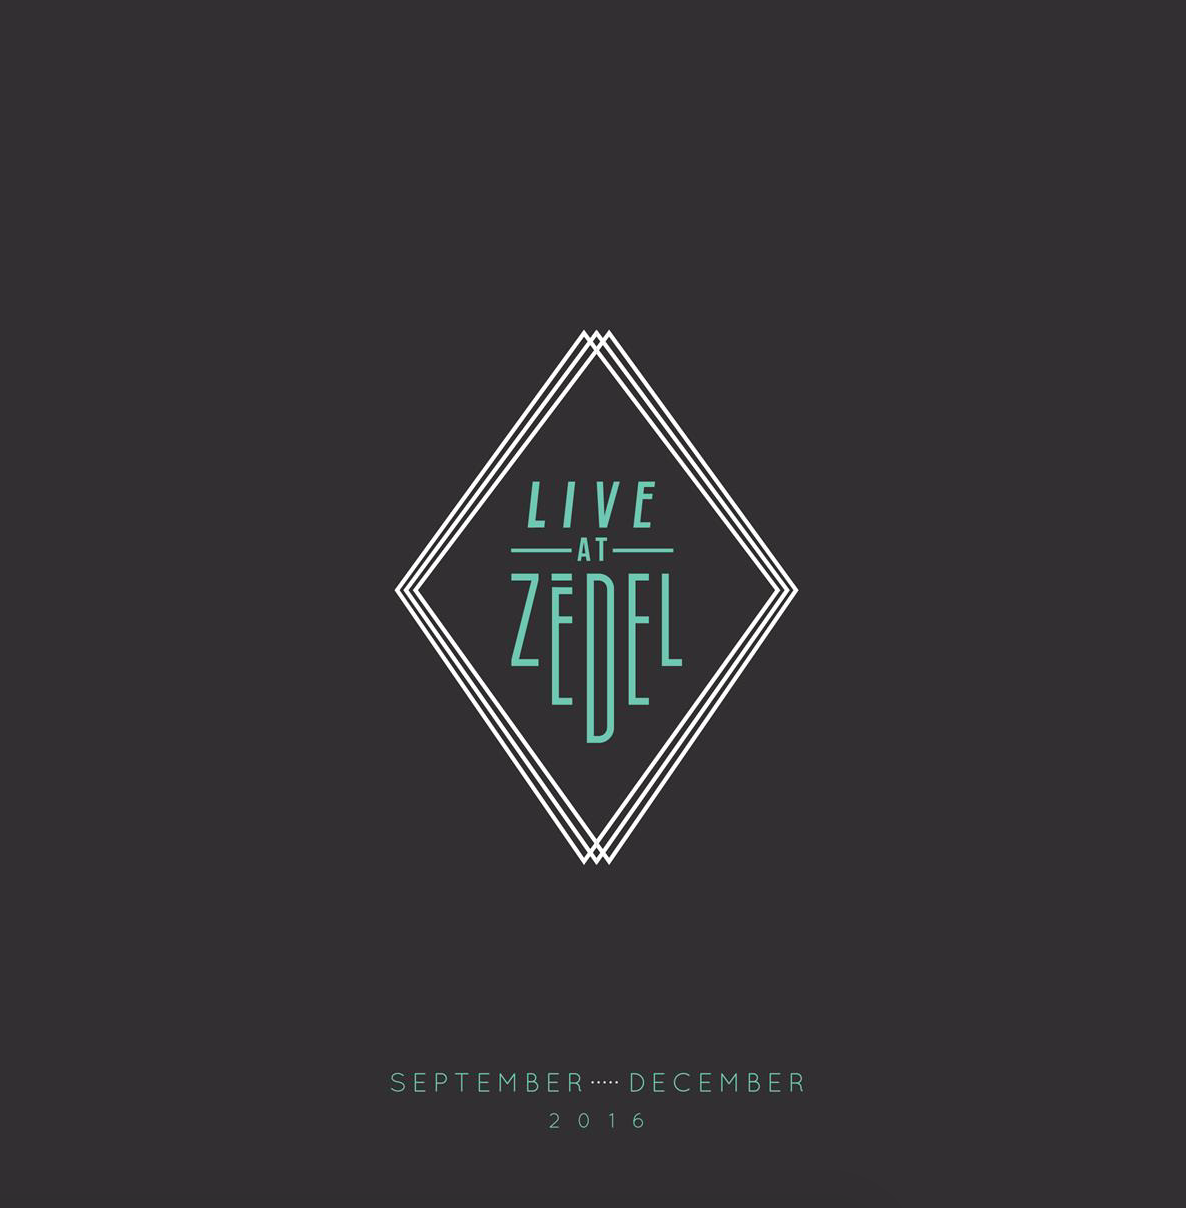 <b>LIVE AT ZEDEL...</b>